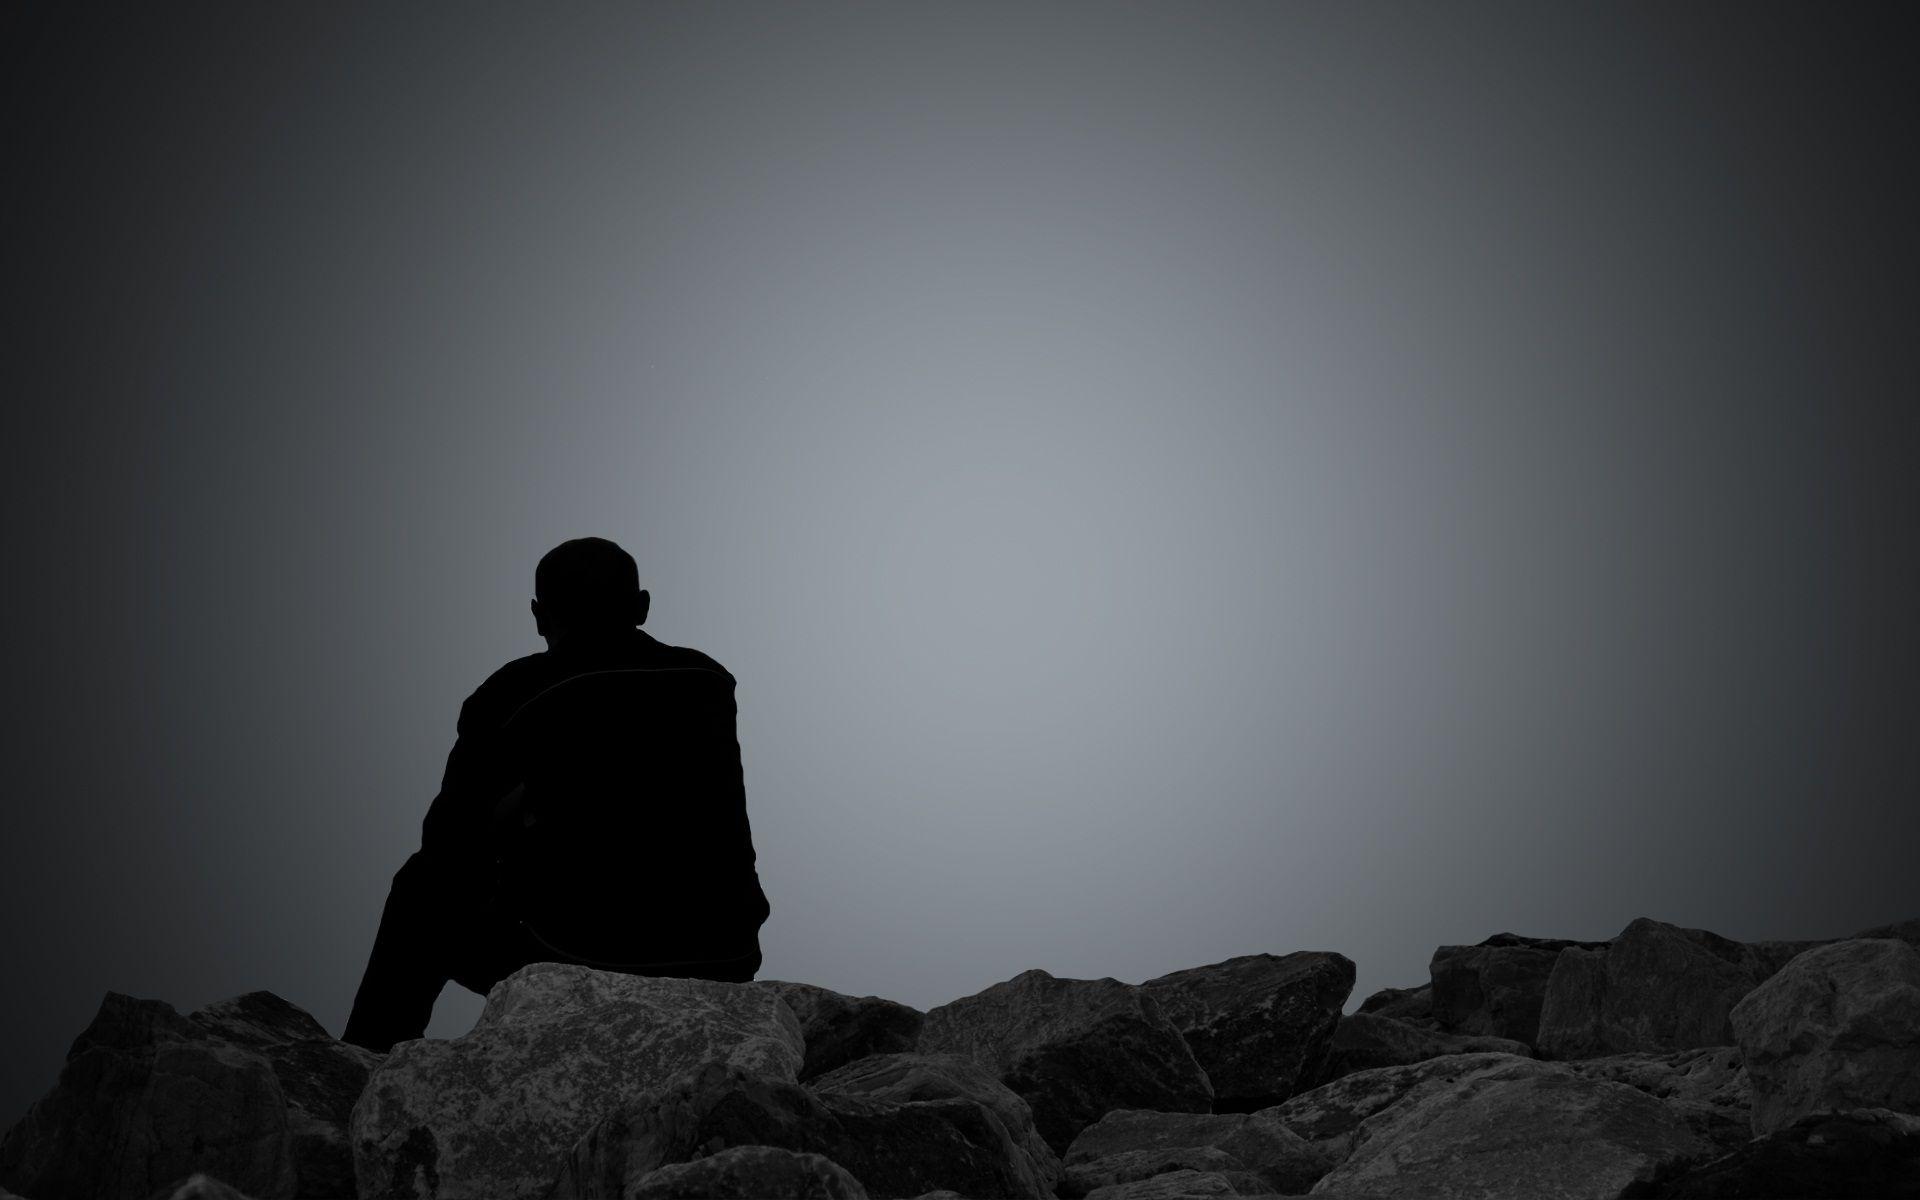 Hình nền buồn anh chàng ngồi một mình tối tăm